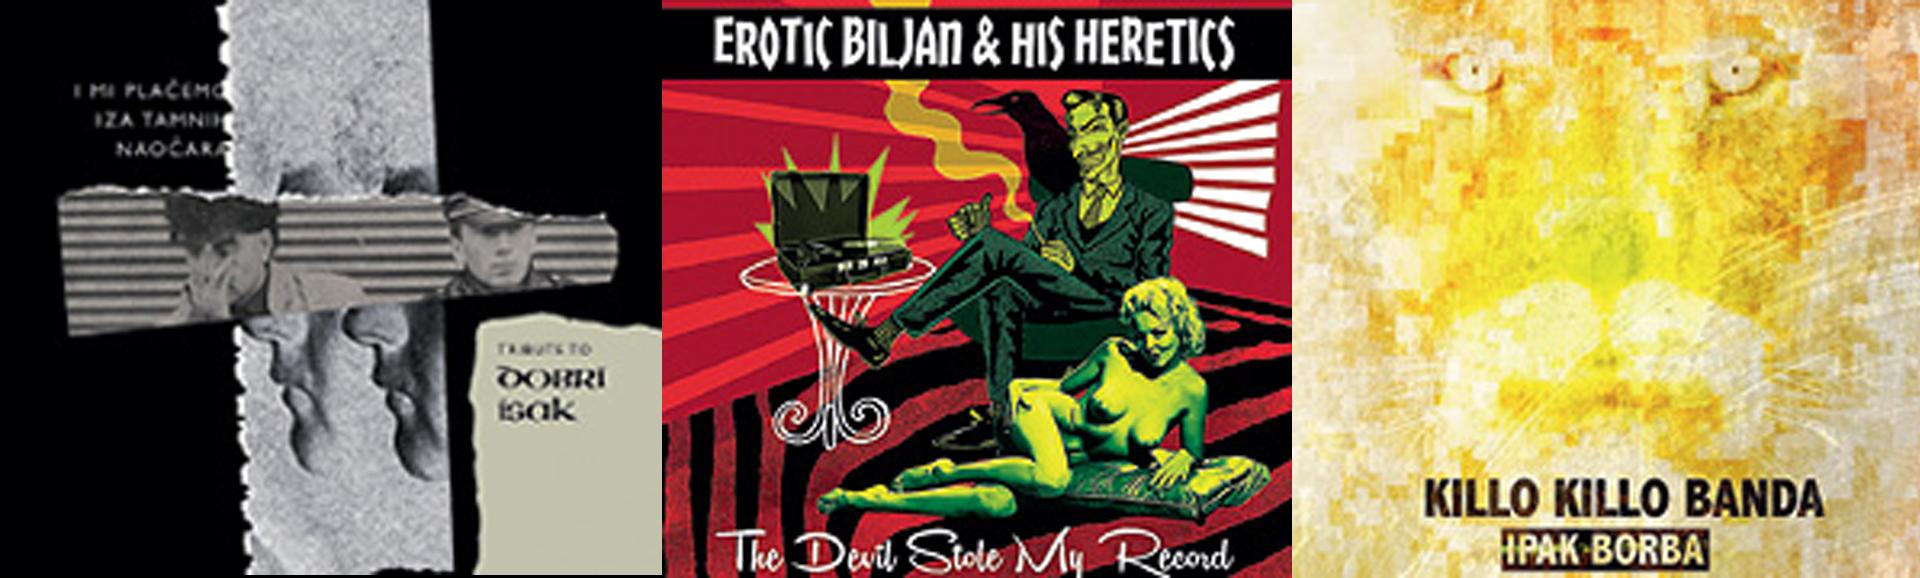 GLAZBENE RECENZIJE Tribute to Dobri Isak, Erotic Biljan and his Heretics, Killo Killo Banda